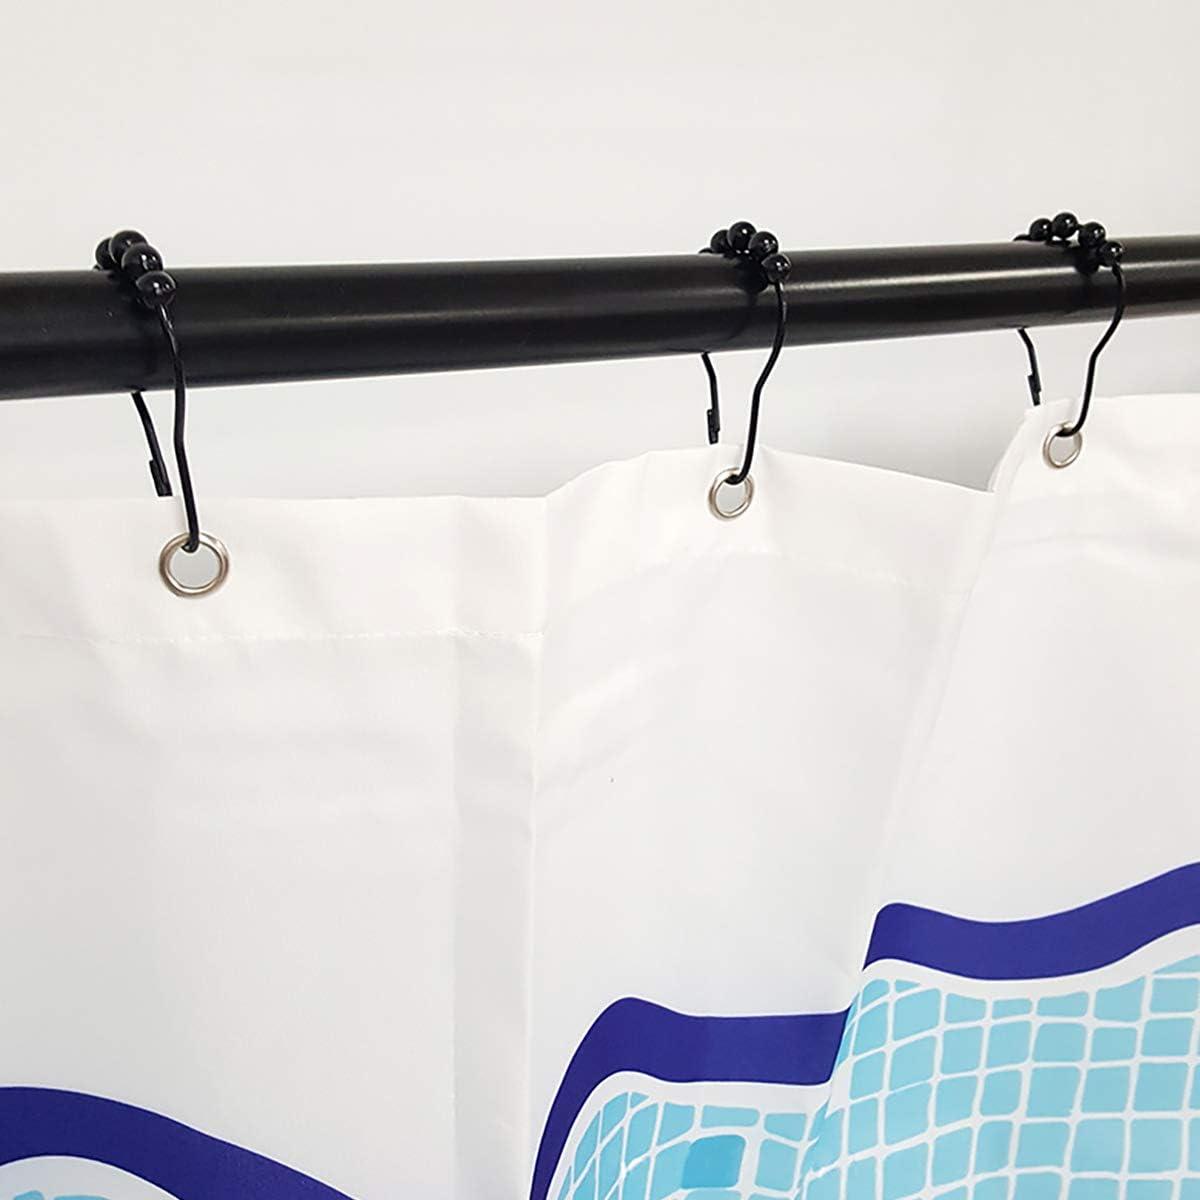 12Packs Shower Curtain Hooks Rings Heavy Duty Roller Glide Shower Rings Stainless Steel Rustproof Shower Curtain Rings for Bathroom Shower Rods Black